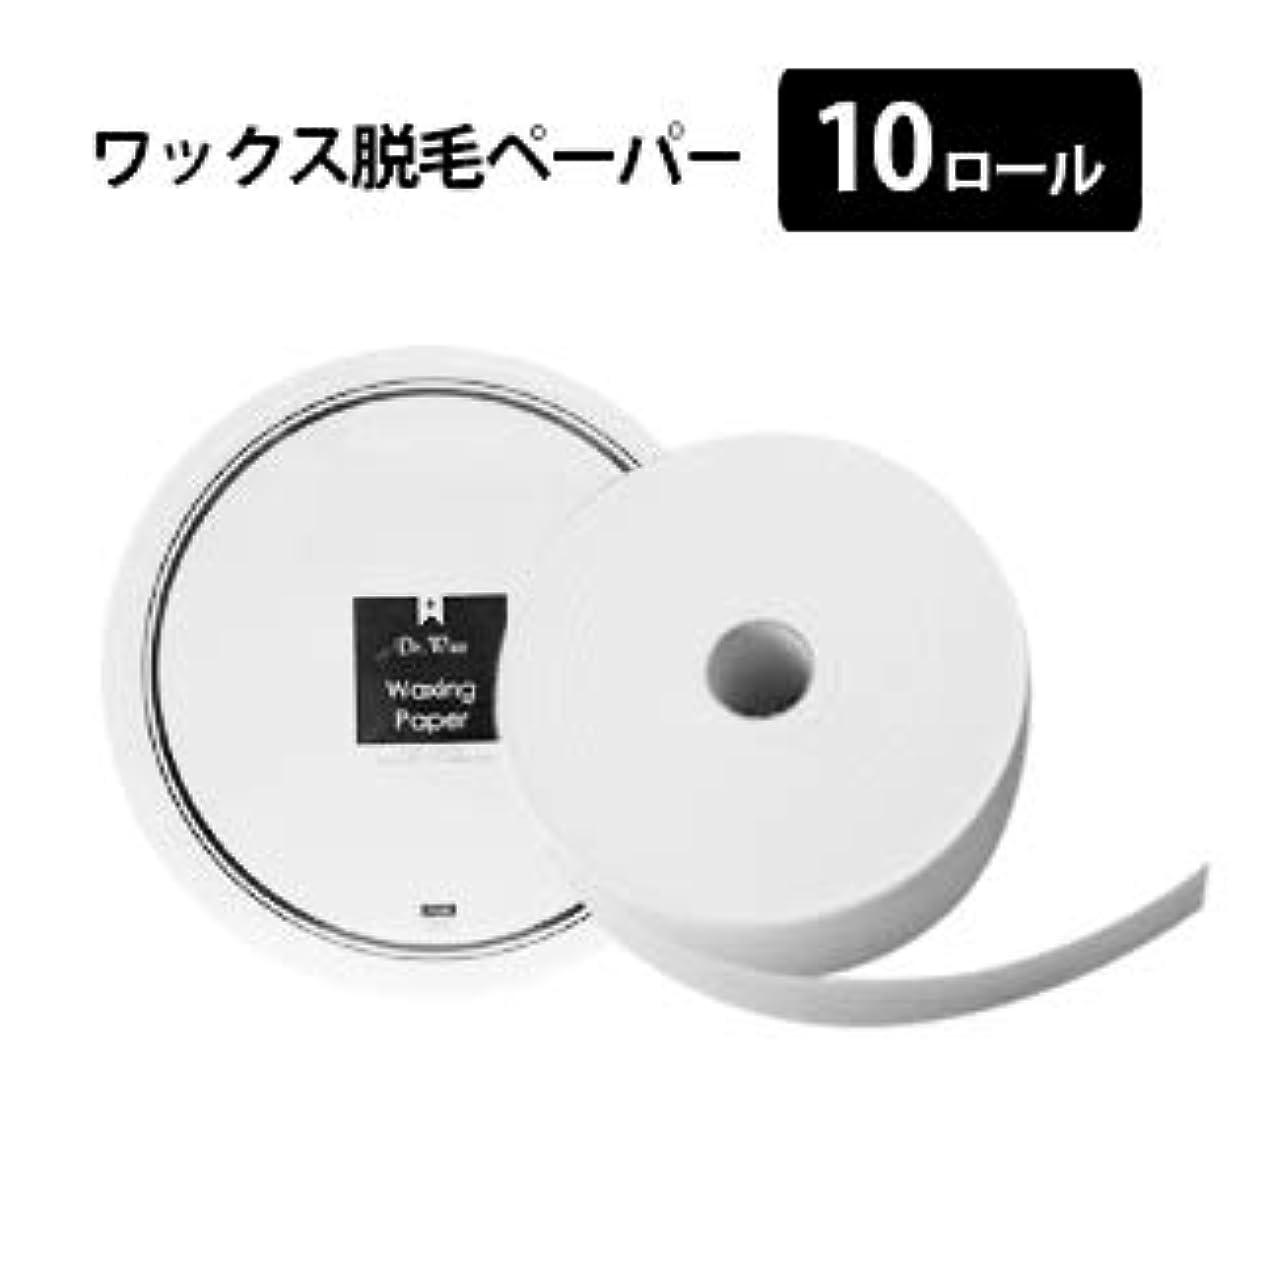 一時停止郵便番号欠伸【10ロール】ワックスロールペーパー 7cm スパンレース素材